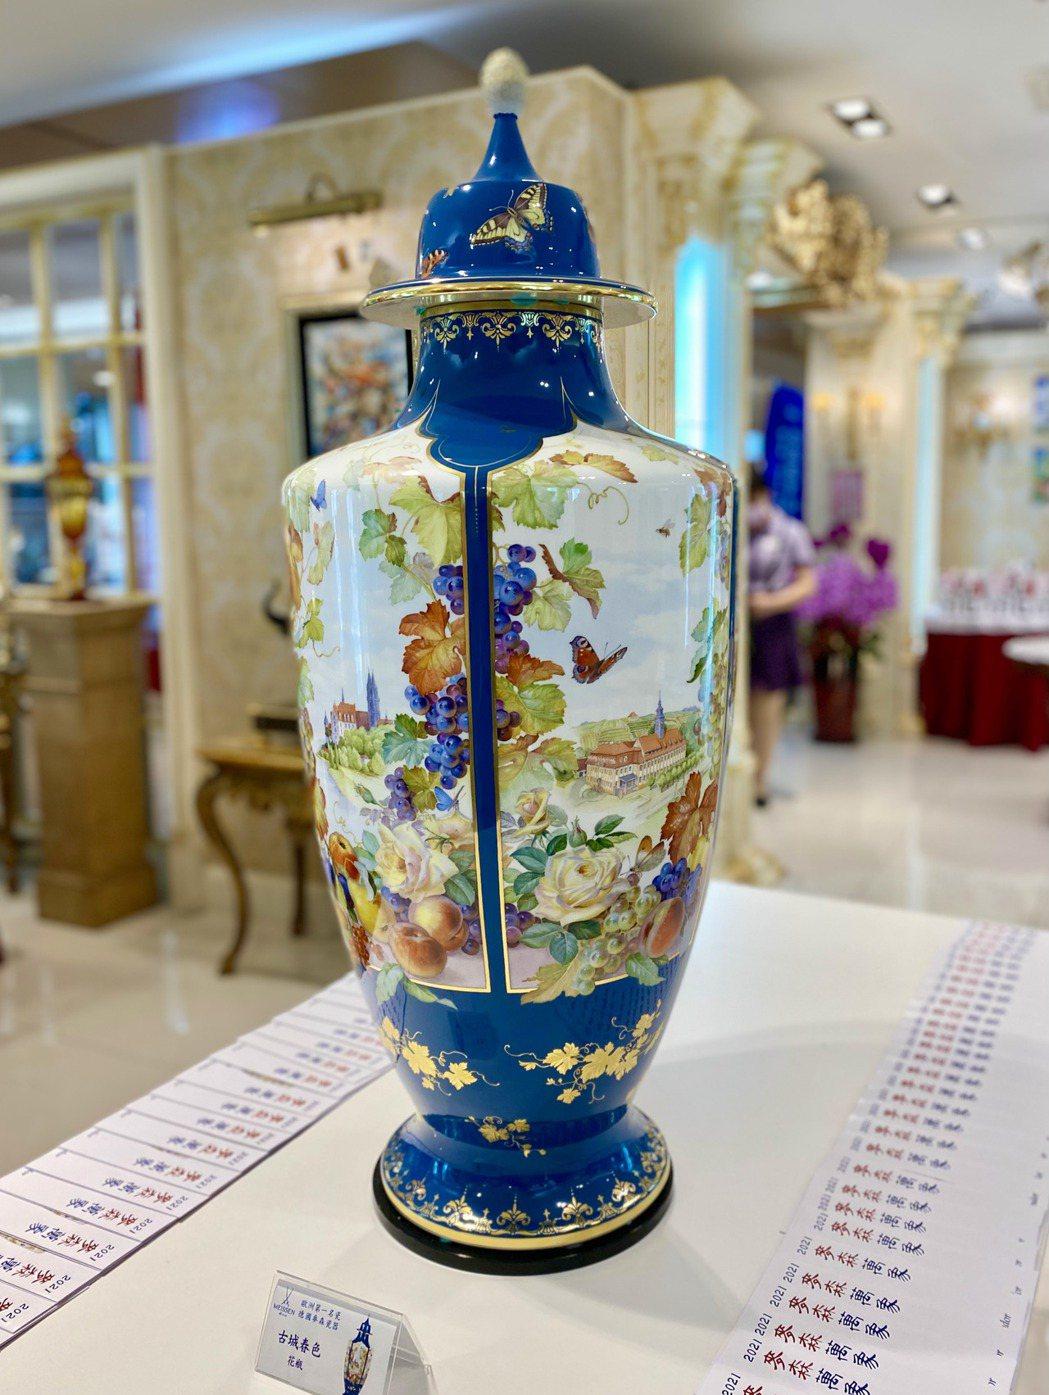 「古城春色」花瓶上美麗的窗景都是薩克森的著名景點。記者宋健生/攝影